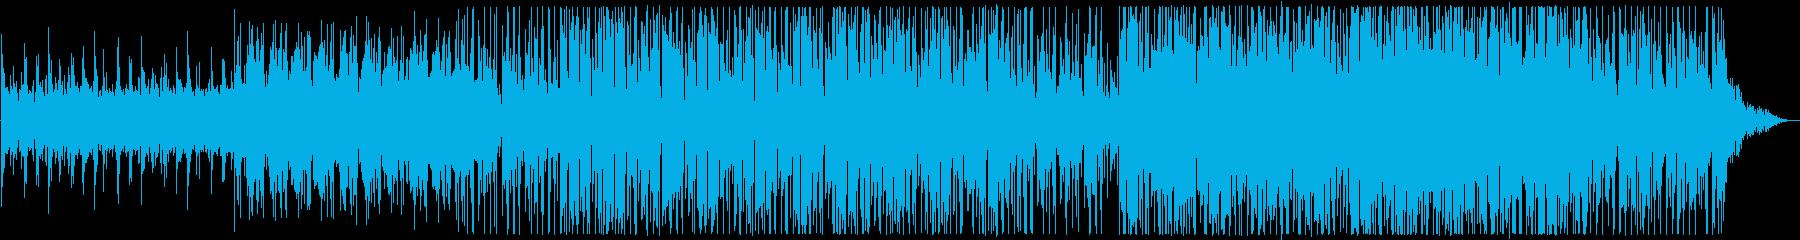 このユニークで抽象的なアンダースコ...の再生済みの波形